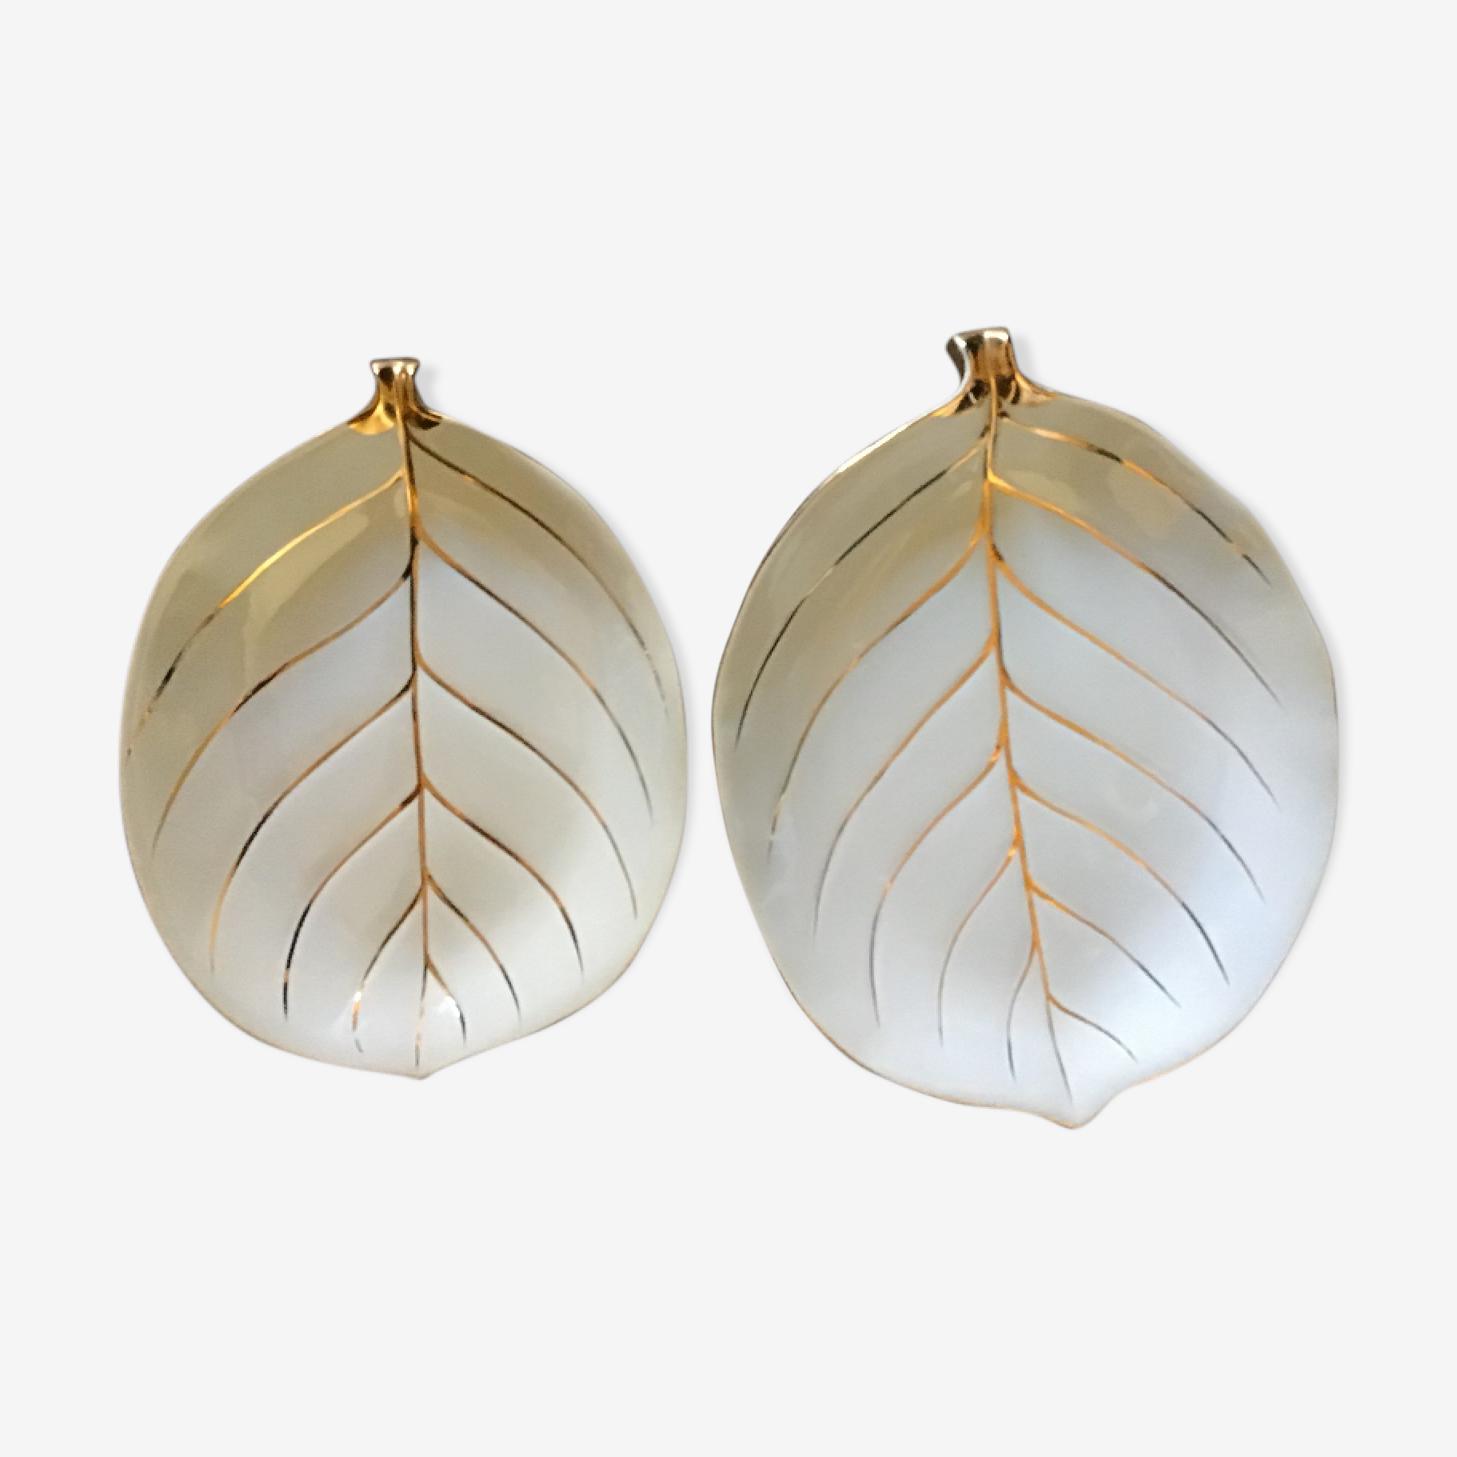 2 leaf cups